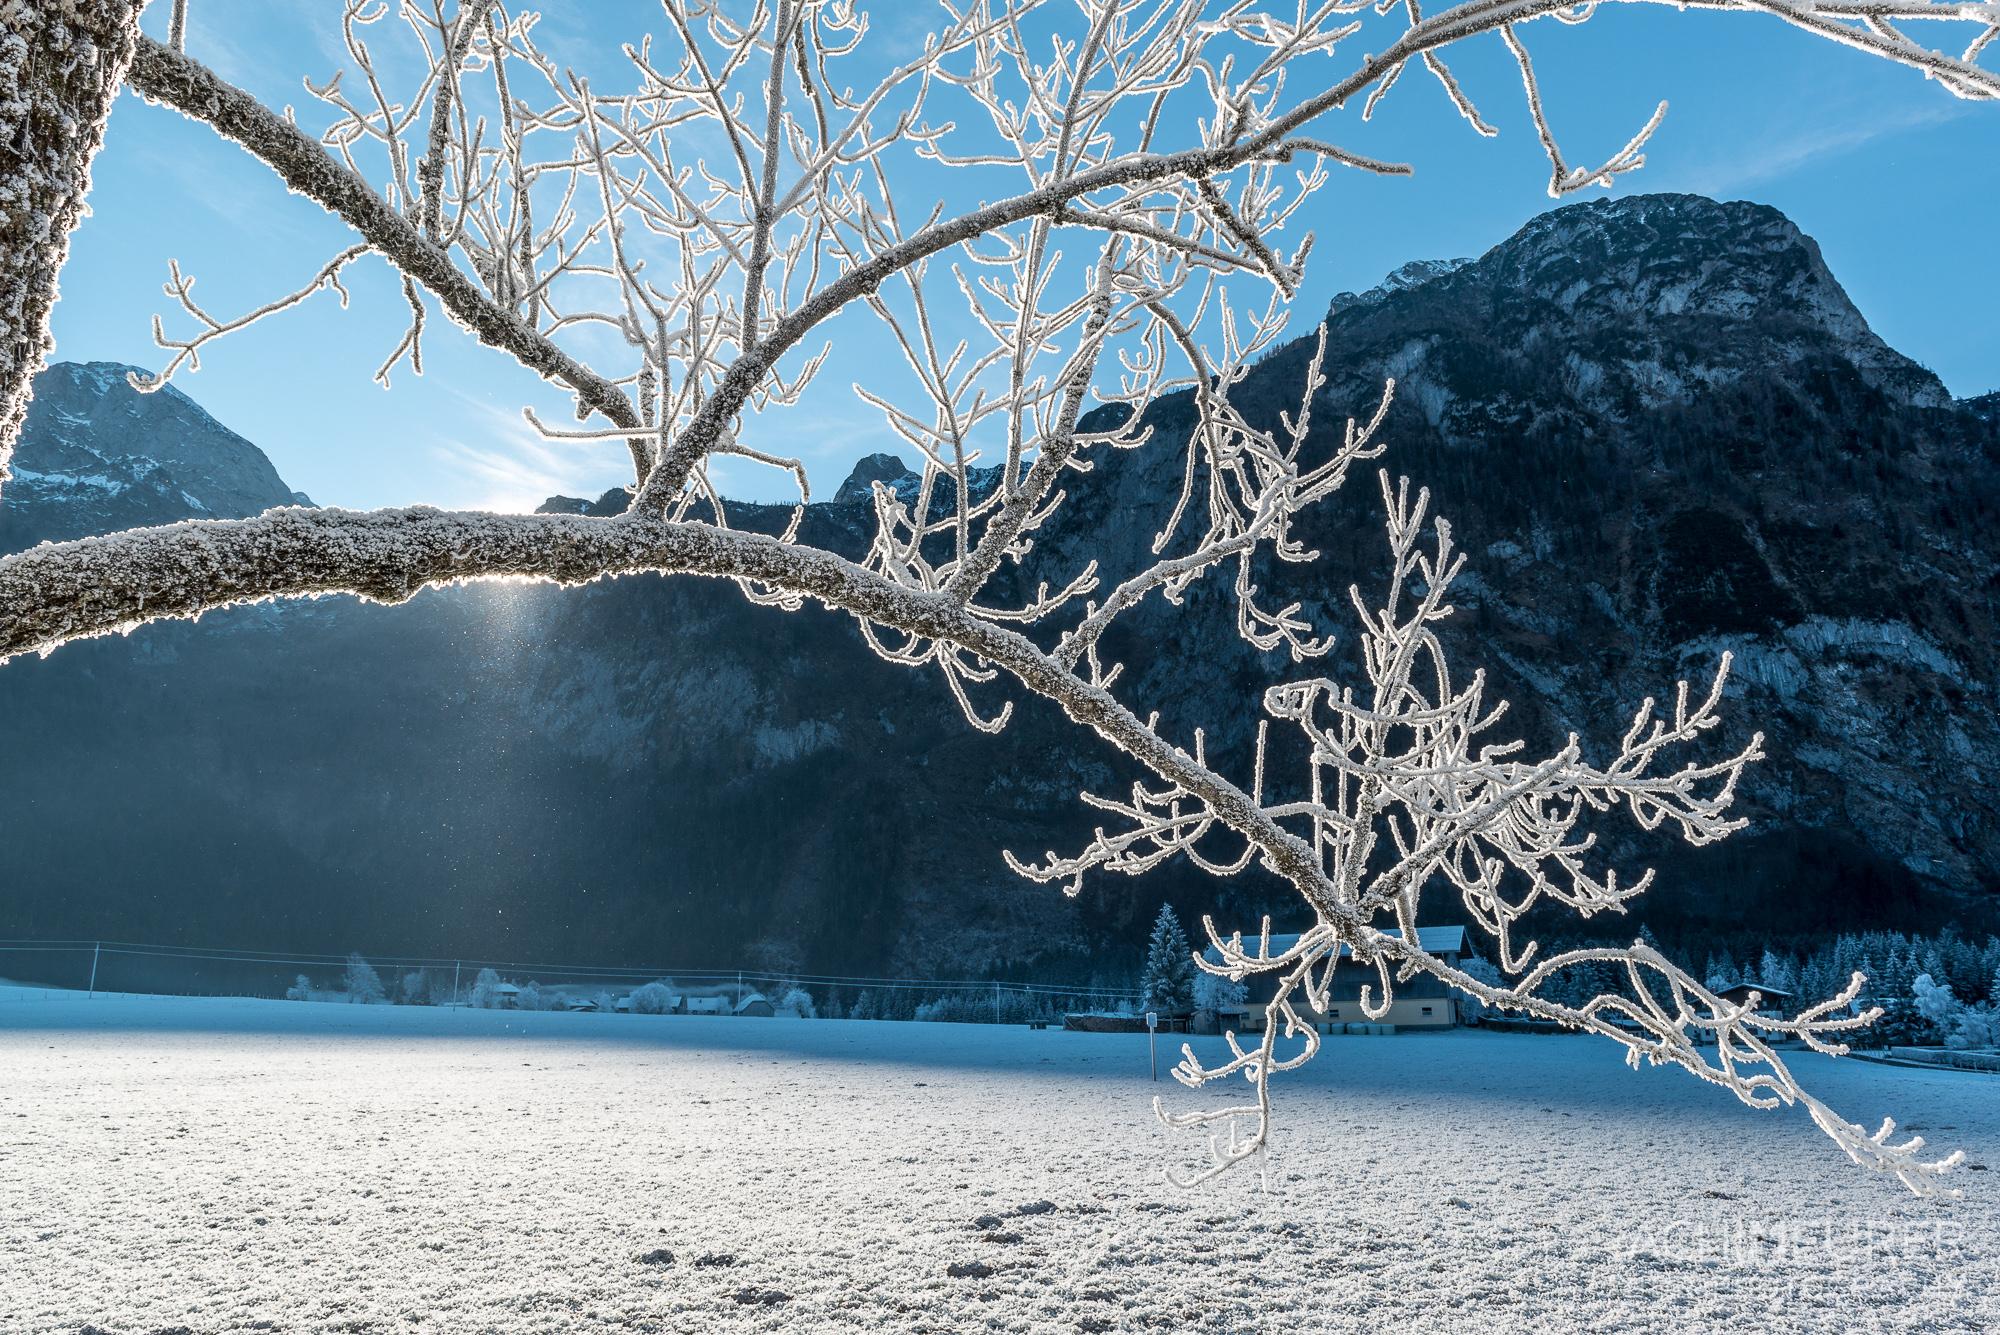 Die-schoensten-Winterfotos-Winterlandschaft-38 by Achim Meurer.